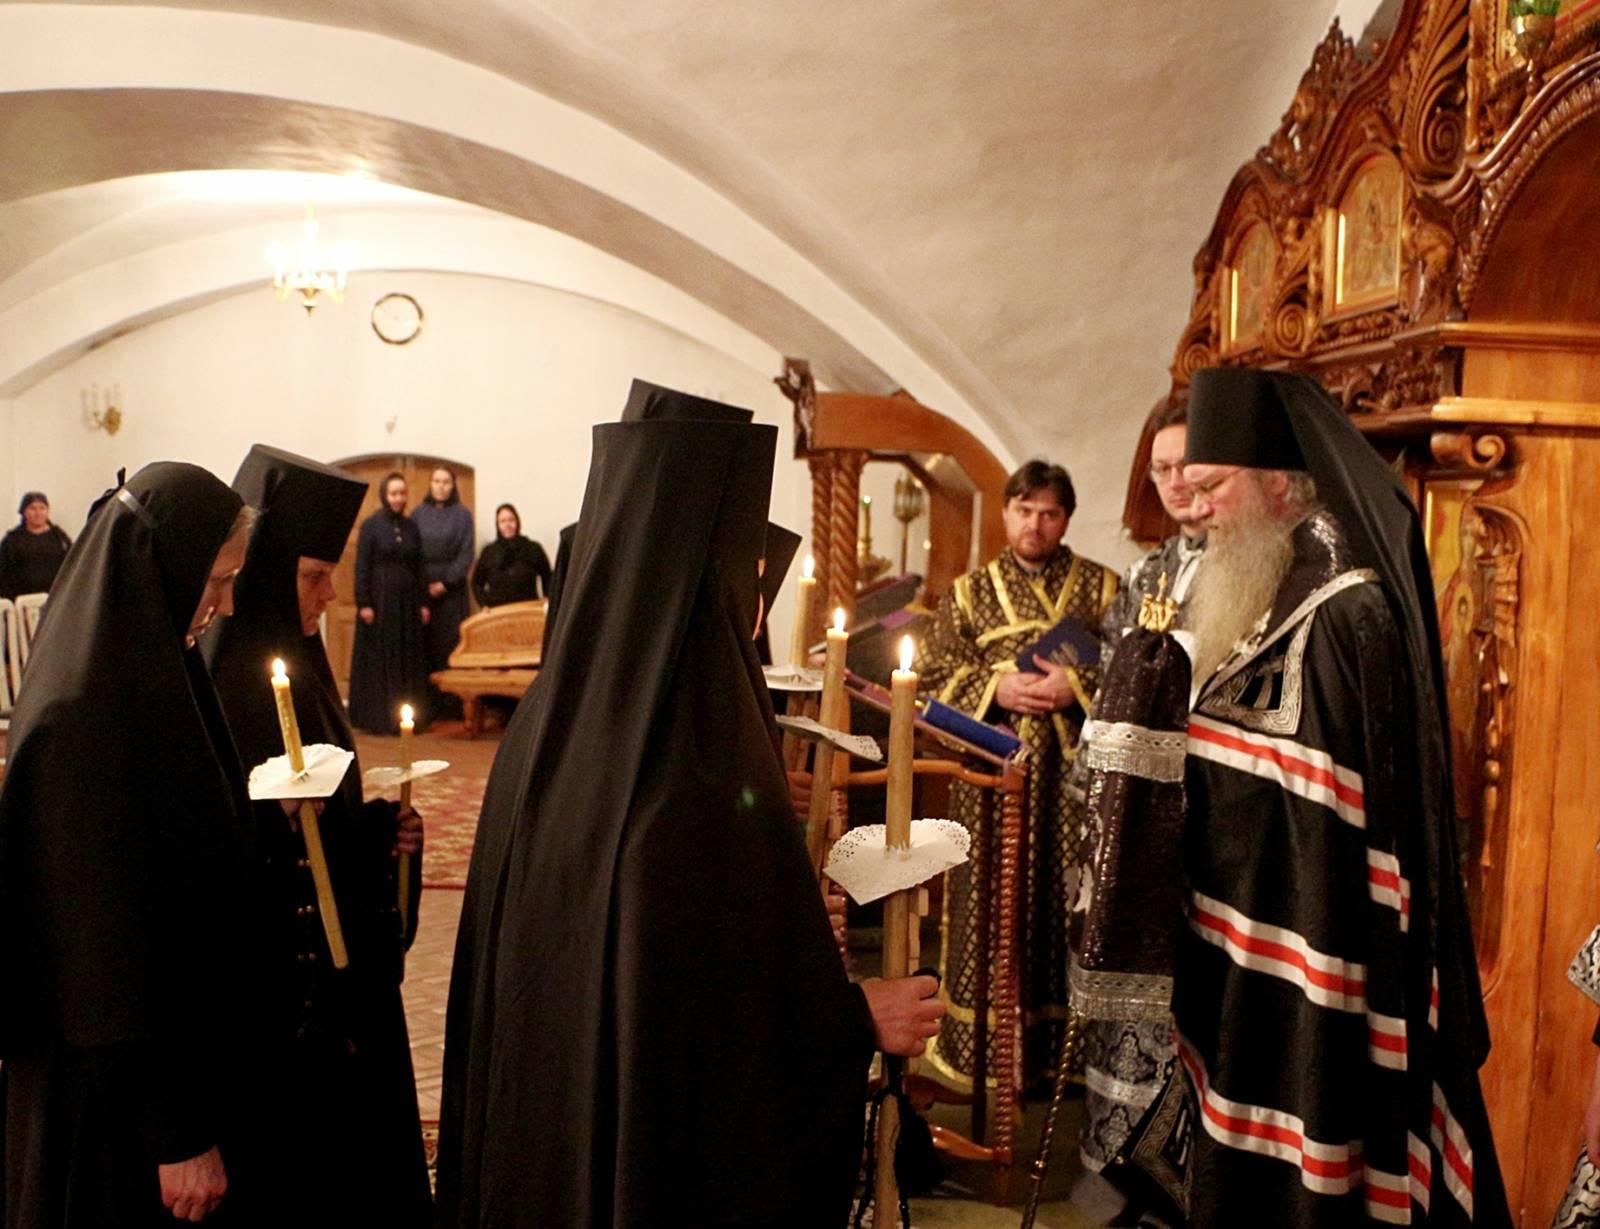 Монашеский постриг в Усть-Медведицком Спасо-Преображенском женском монастыре г. Серафимовича.